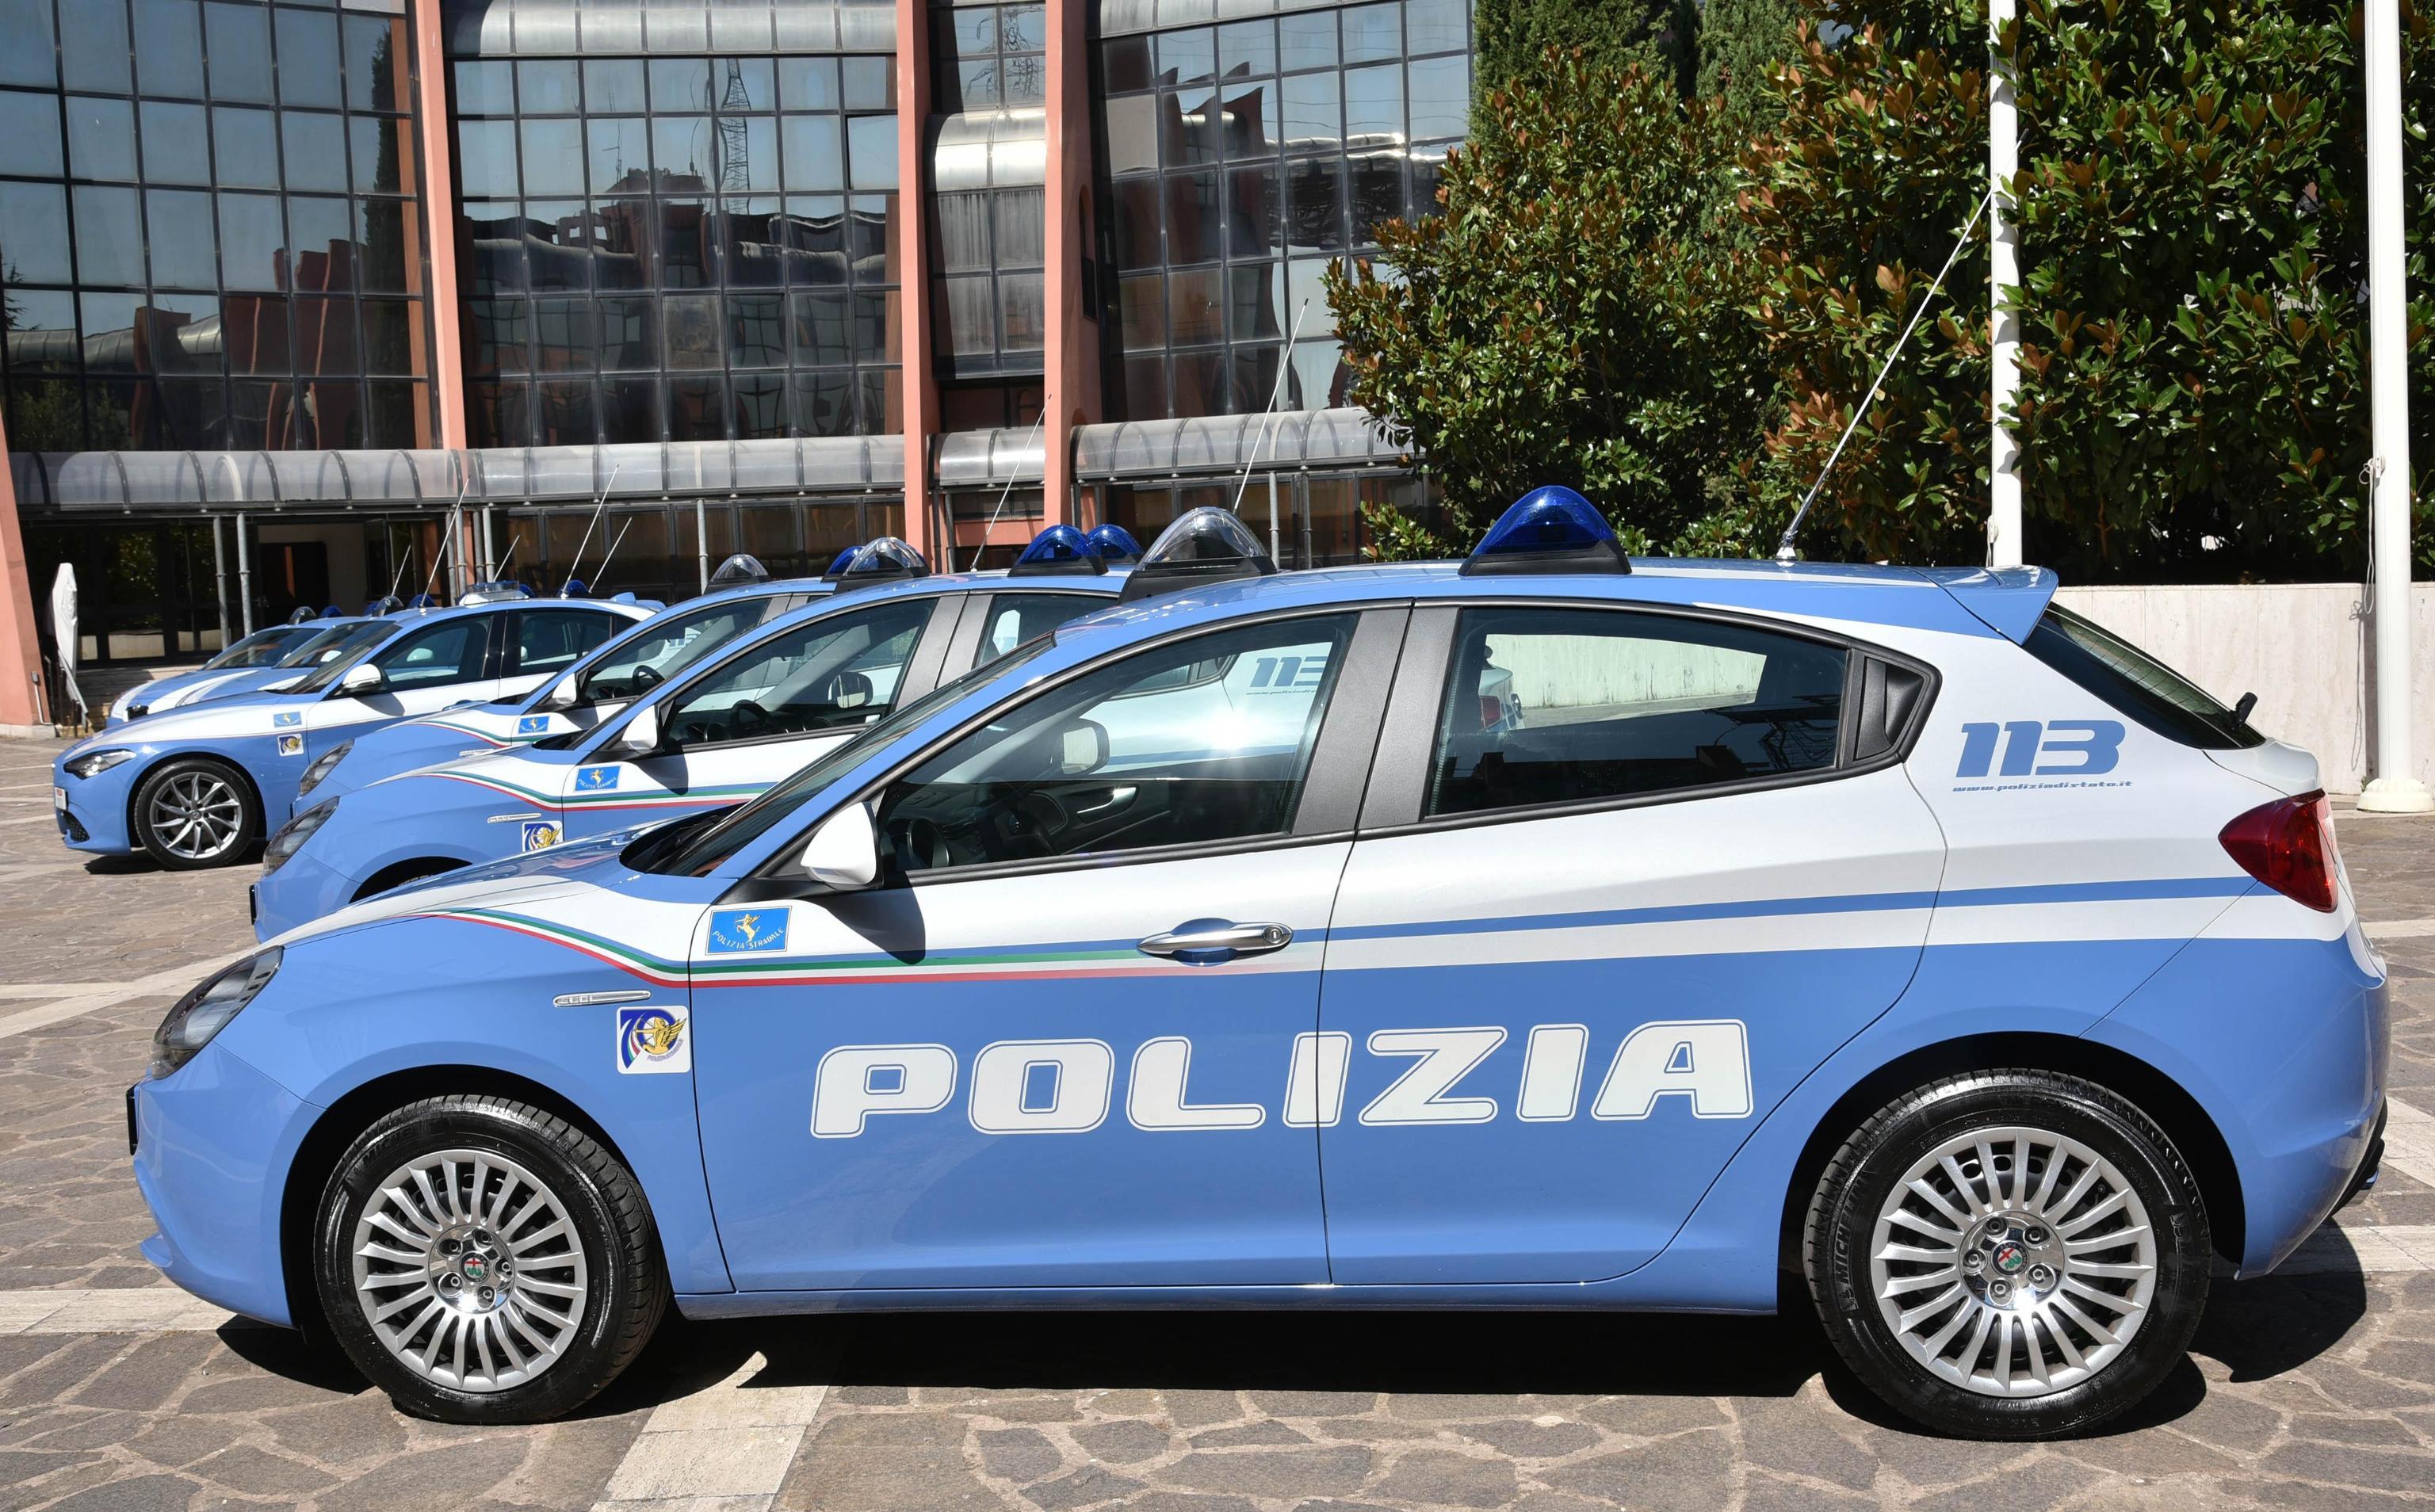 Turista finlandese violentata a Roma: arrestato un giovane di 23 anni